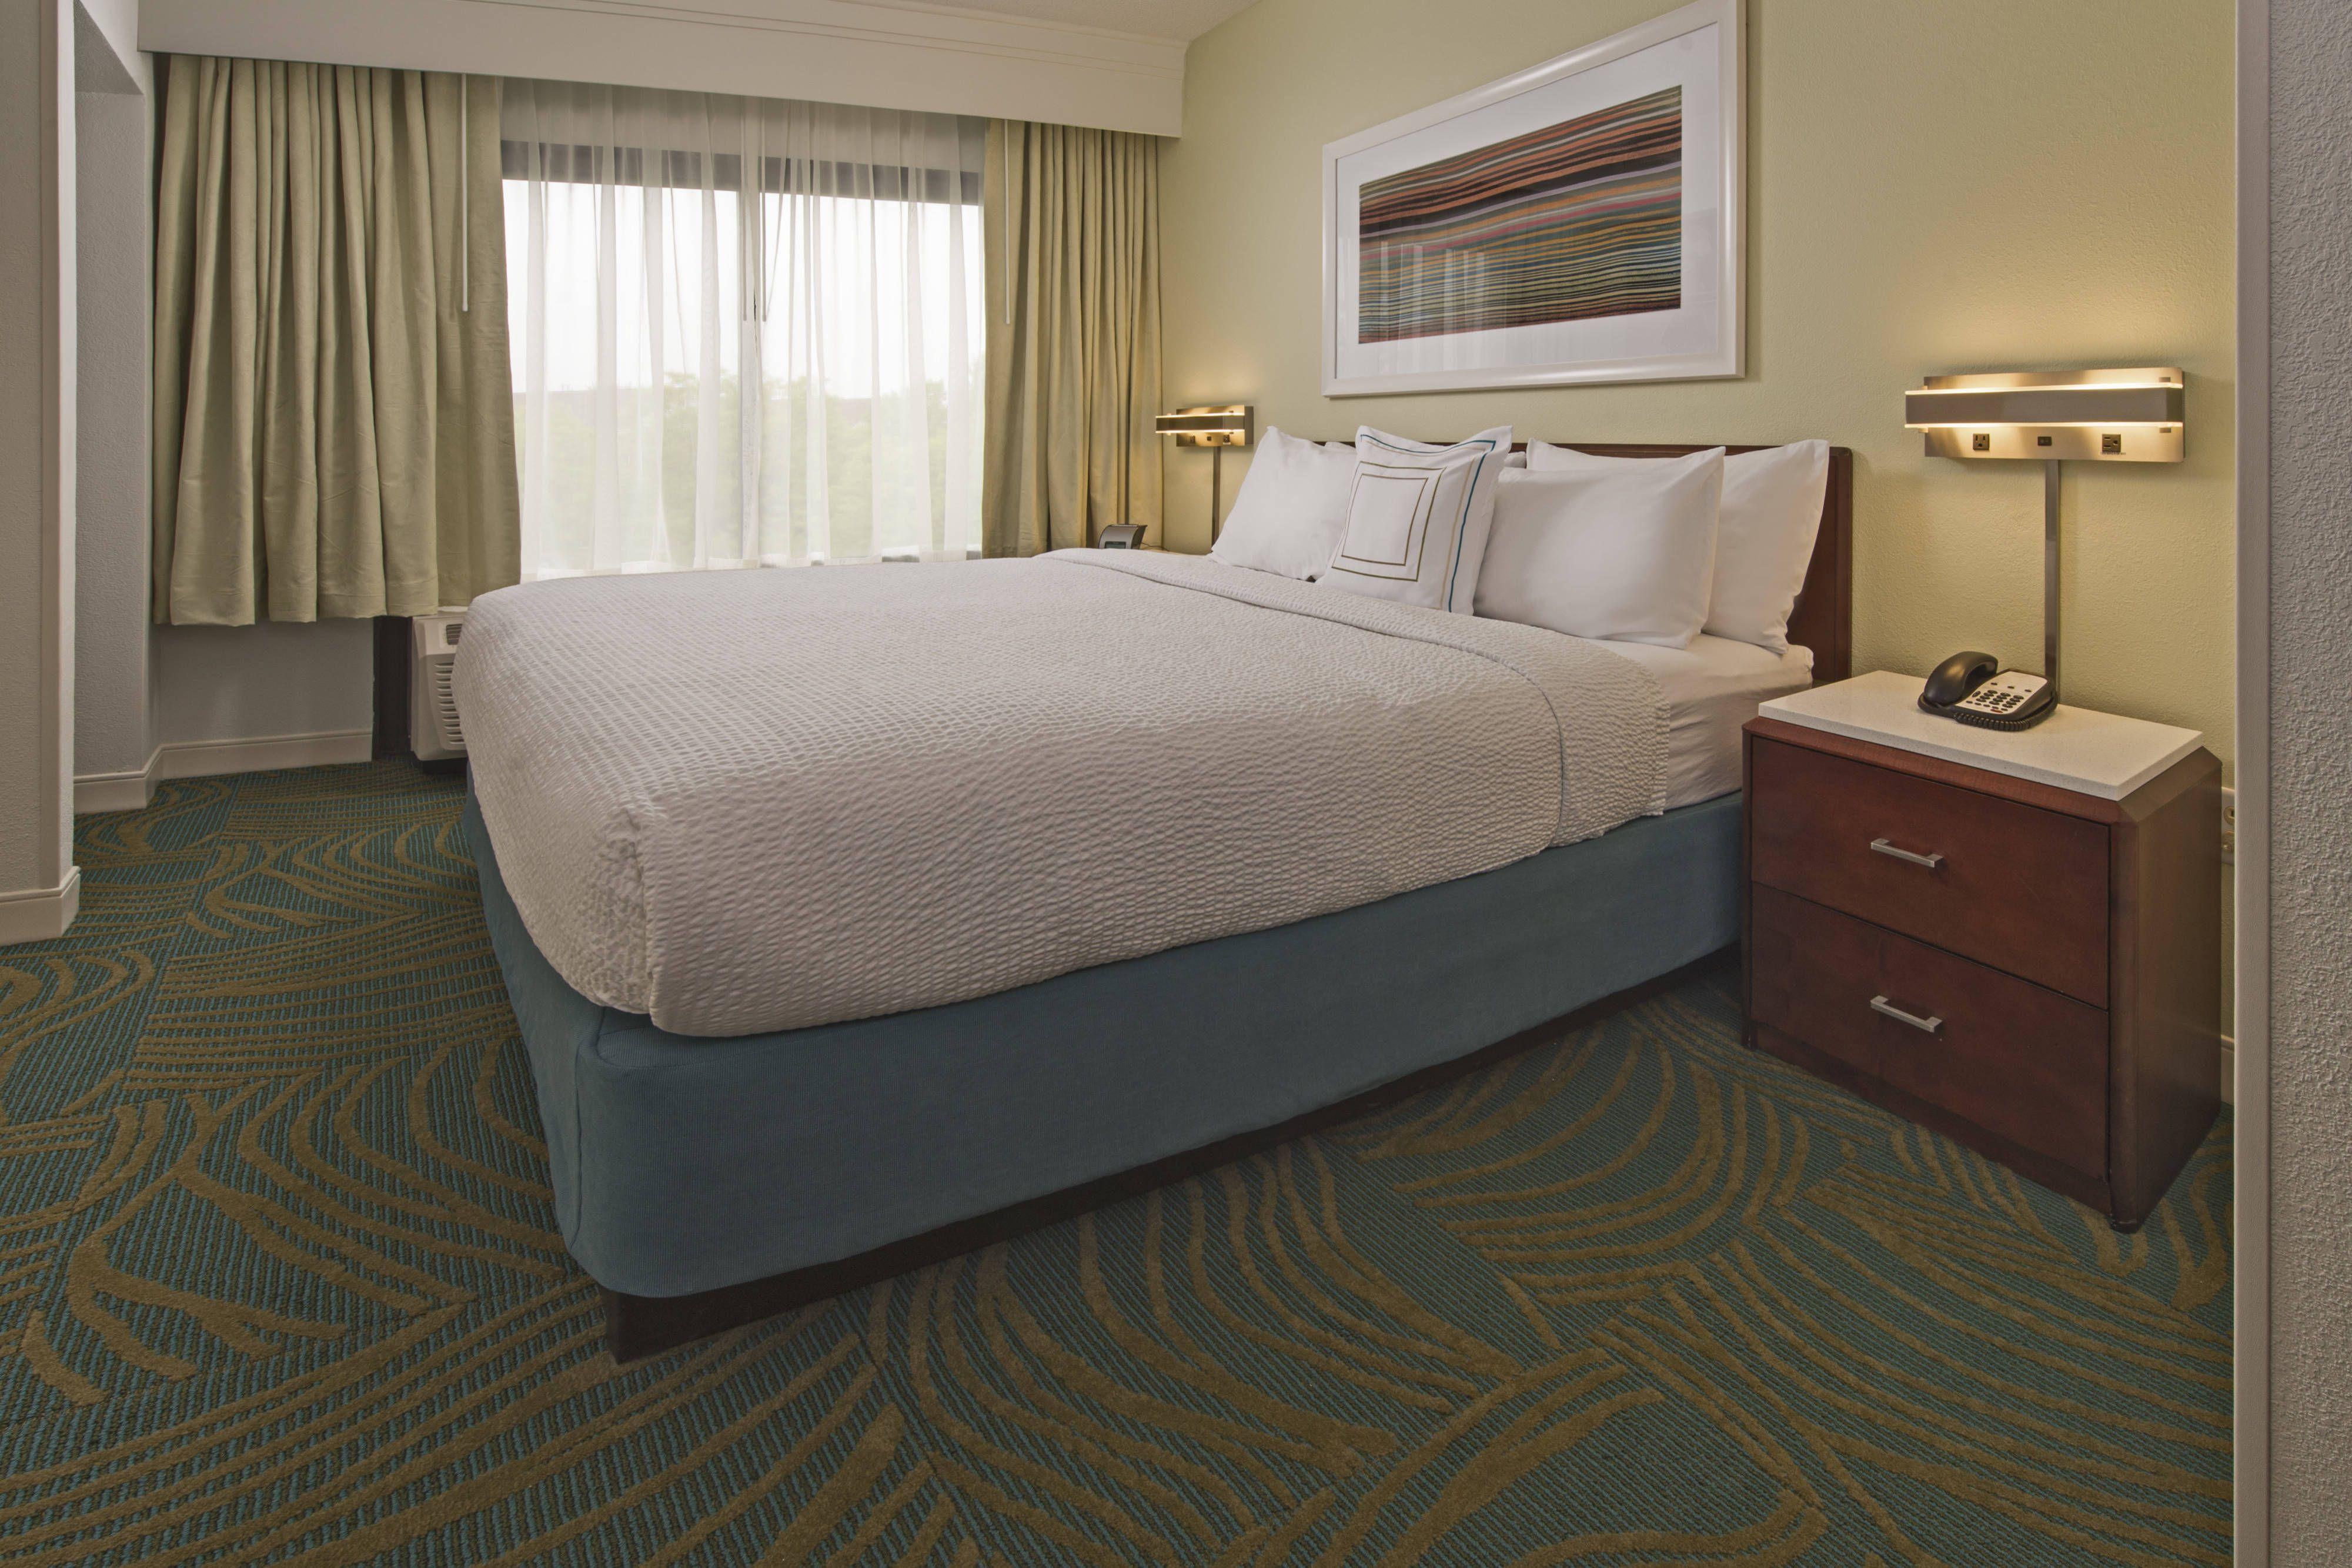 Room Details309 Furniture, Room, Home decor